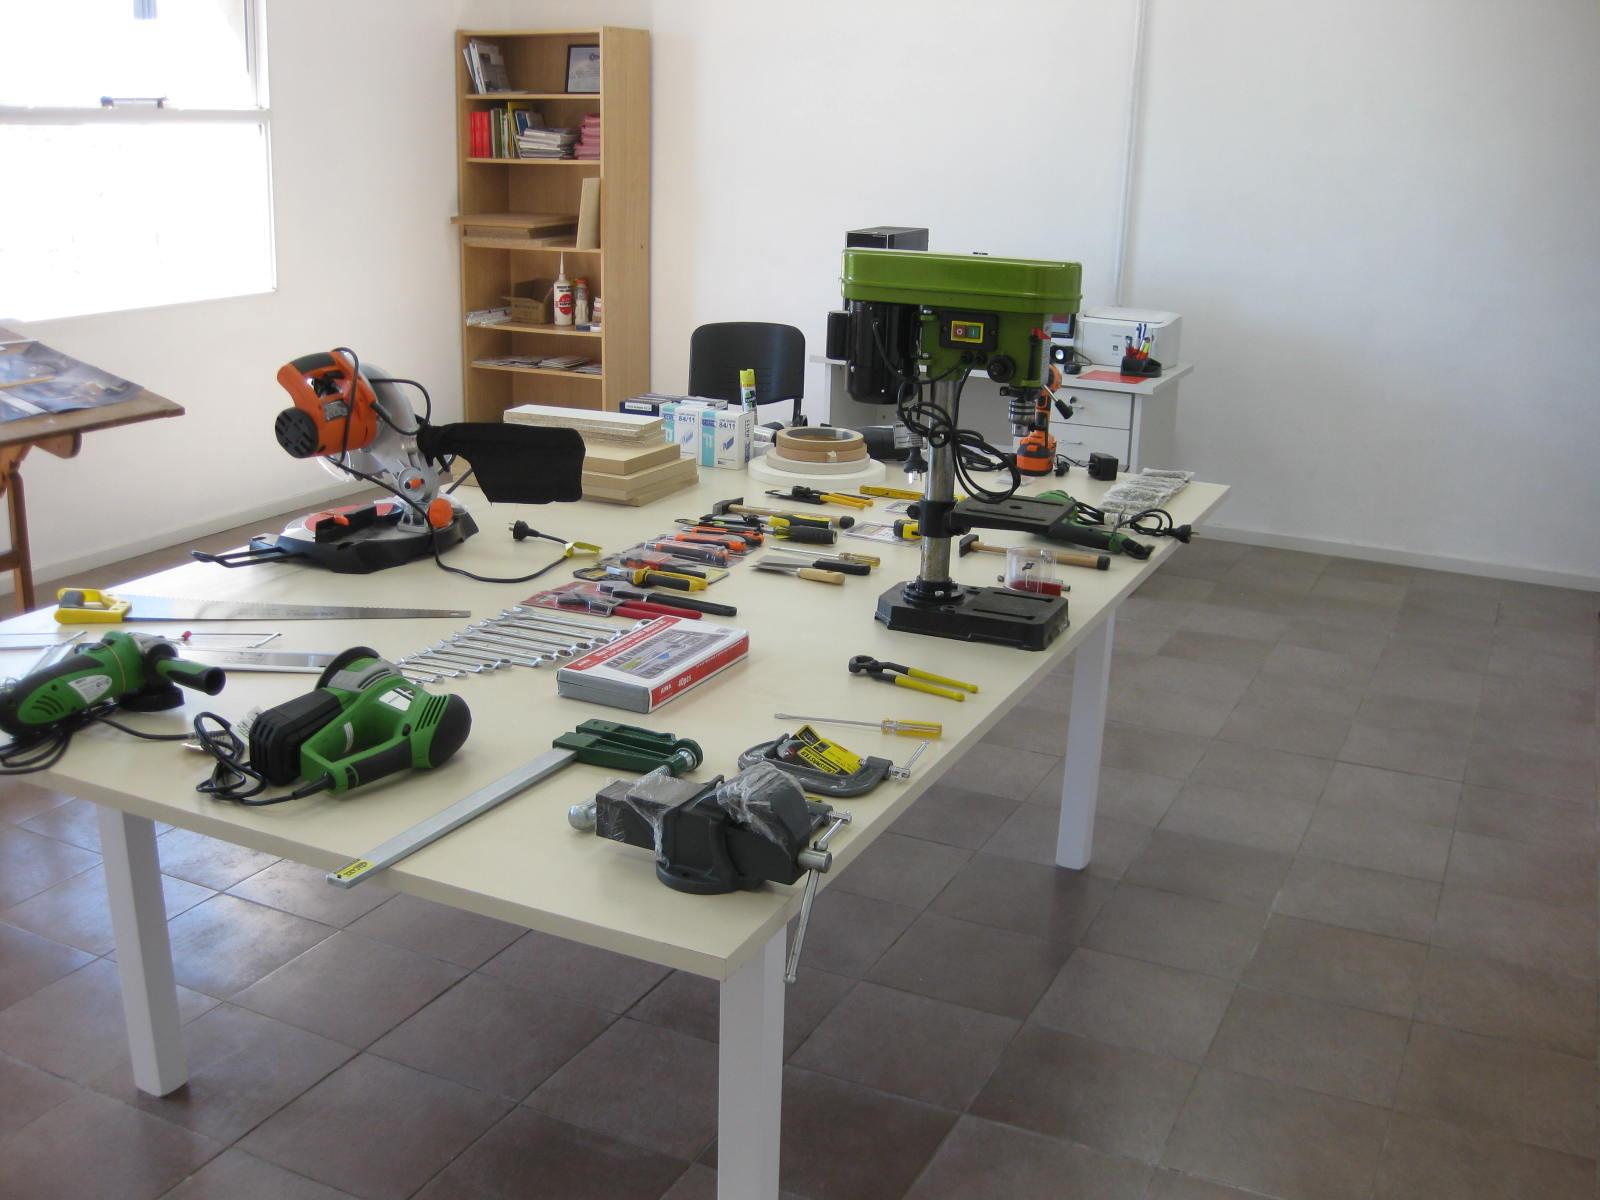 Se Inaugur El Primer Centro Tecnol Gico Del Mueble Del Pa S # Muebles Caon Canada De Gomez